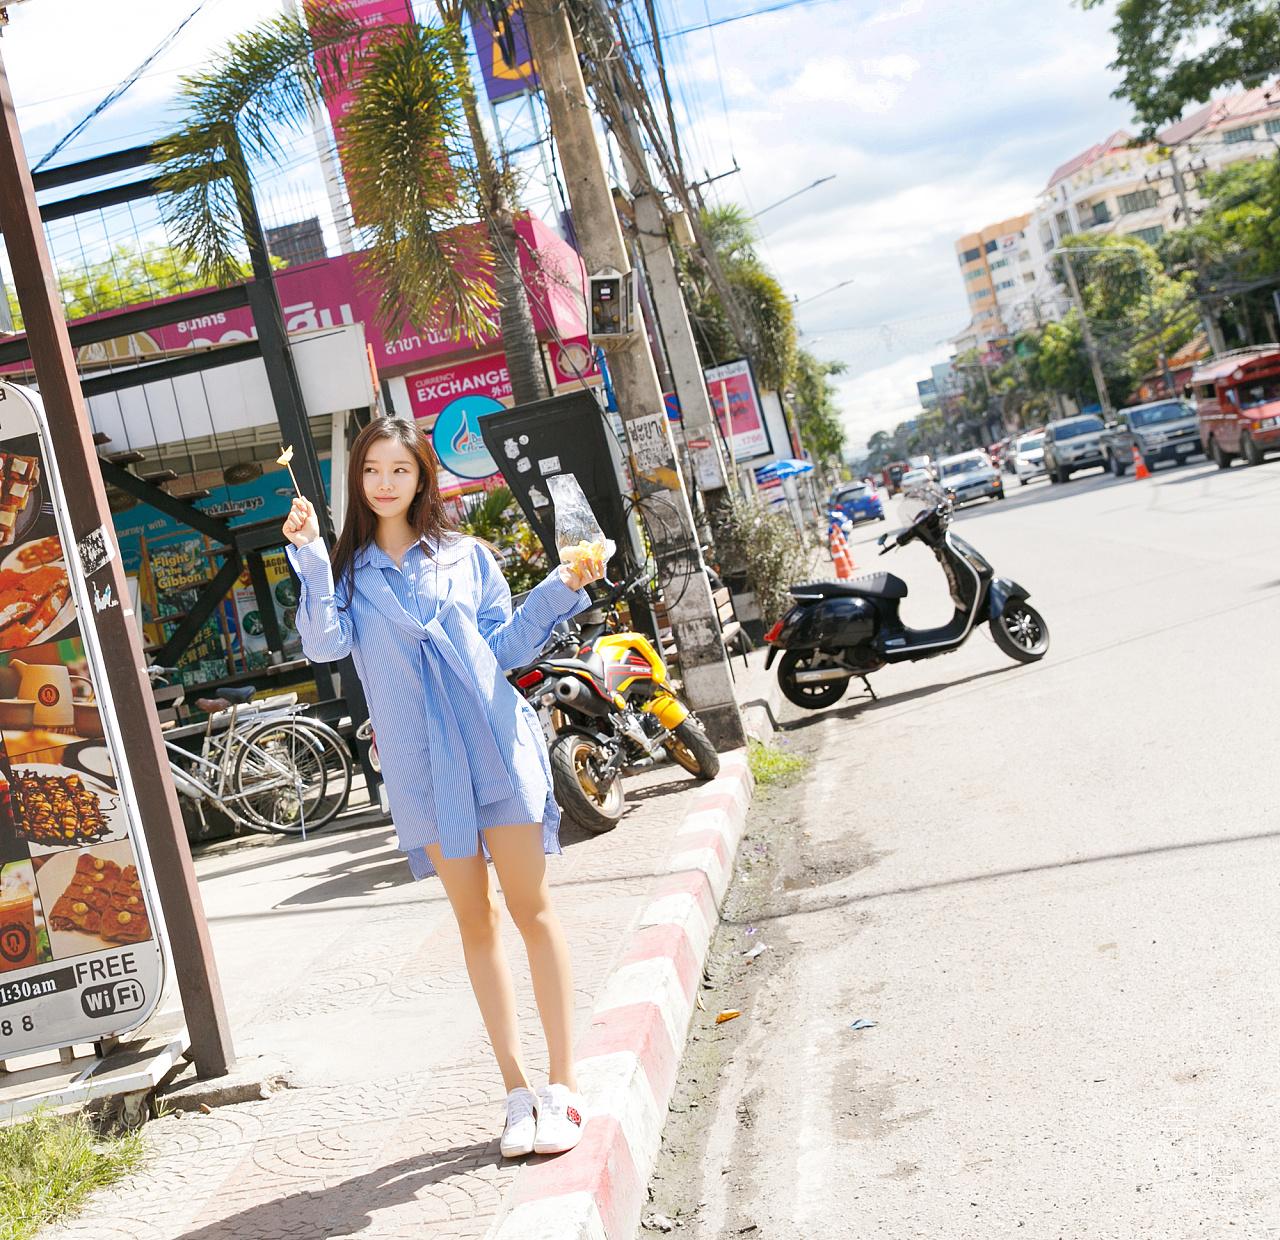 我的朋友陈白露原型_明星旅行日记系列—陈娅安|摄影|人像|摄影师李小月 - 原创作品 ...